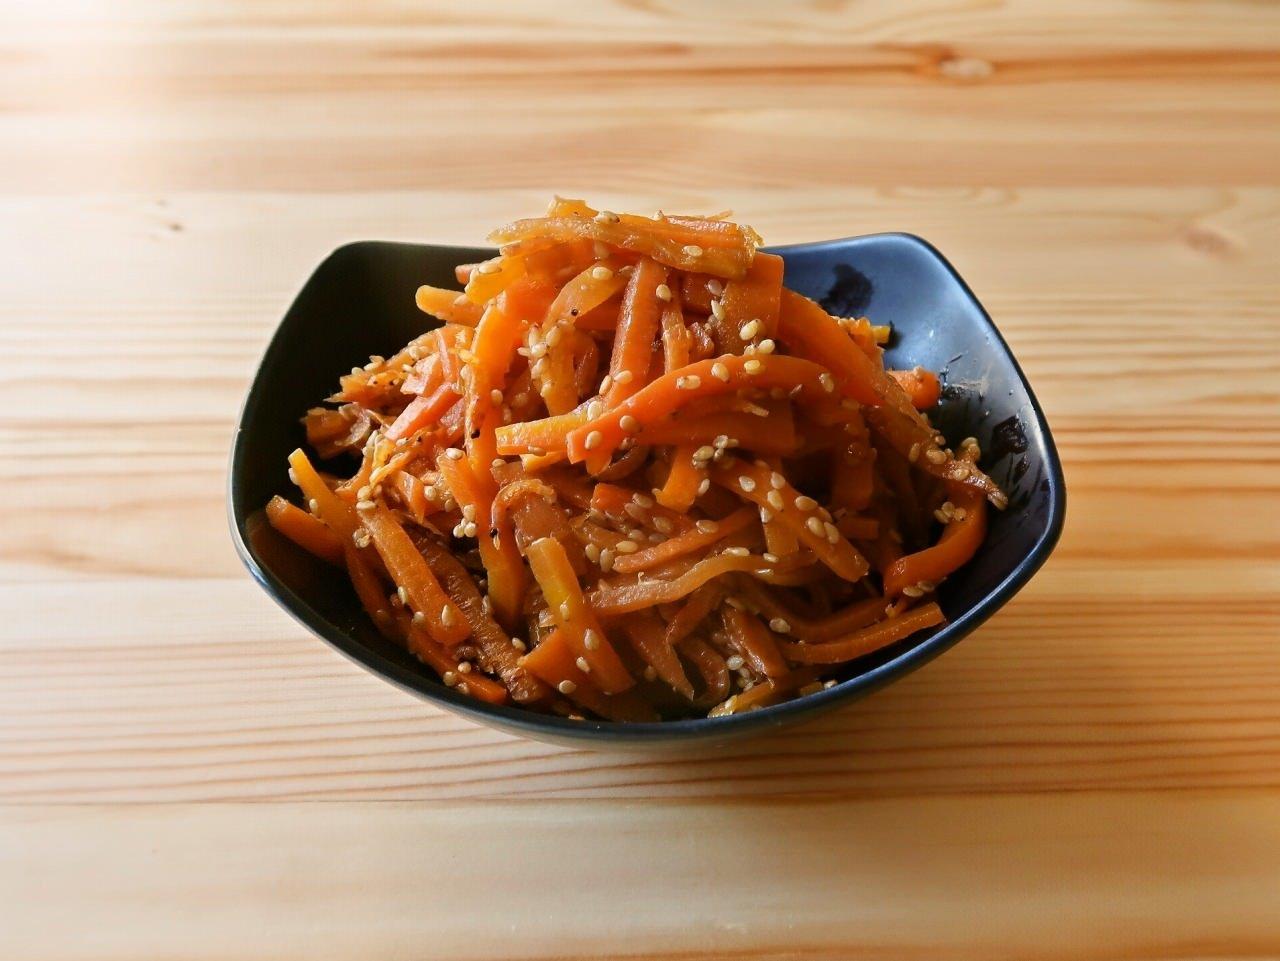 【野菜ひとつ】にんじんのナンプラー炒め